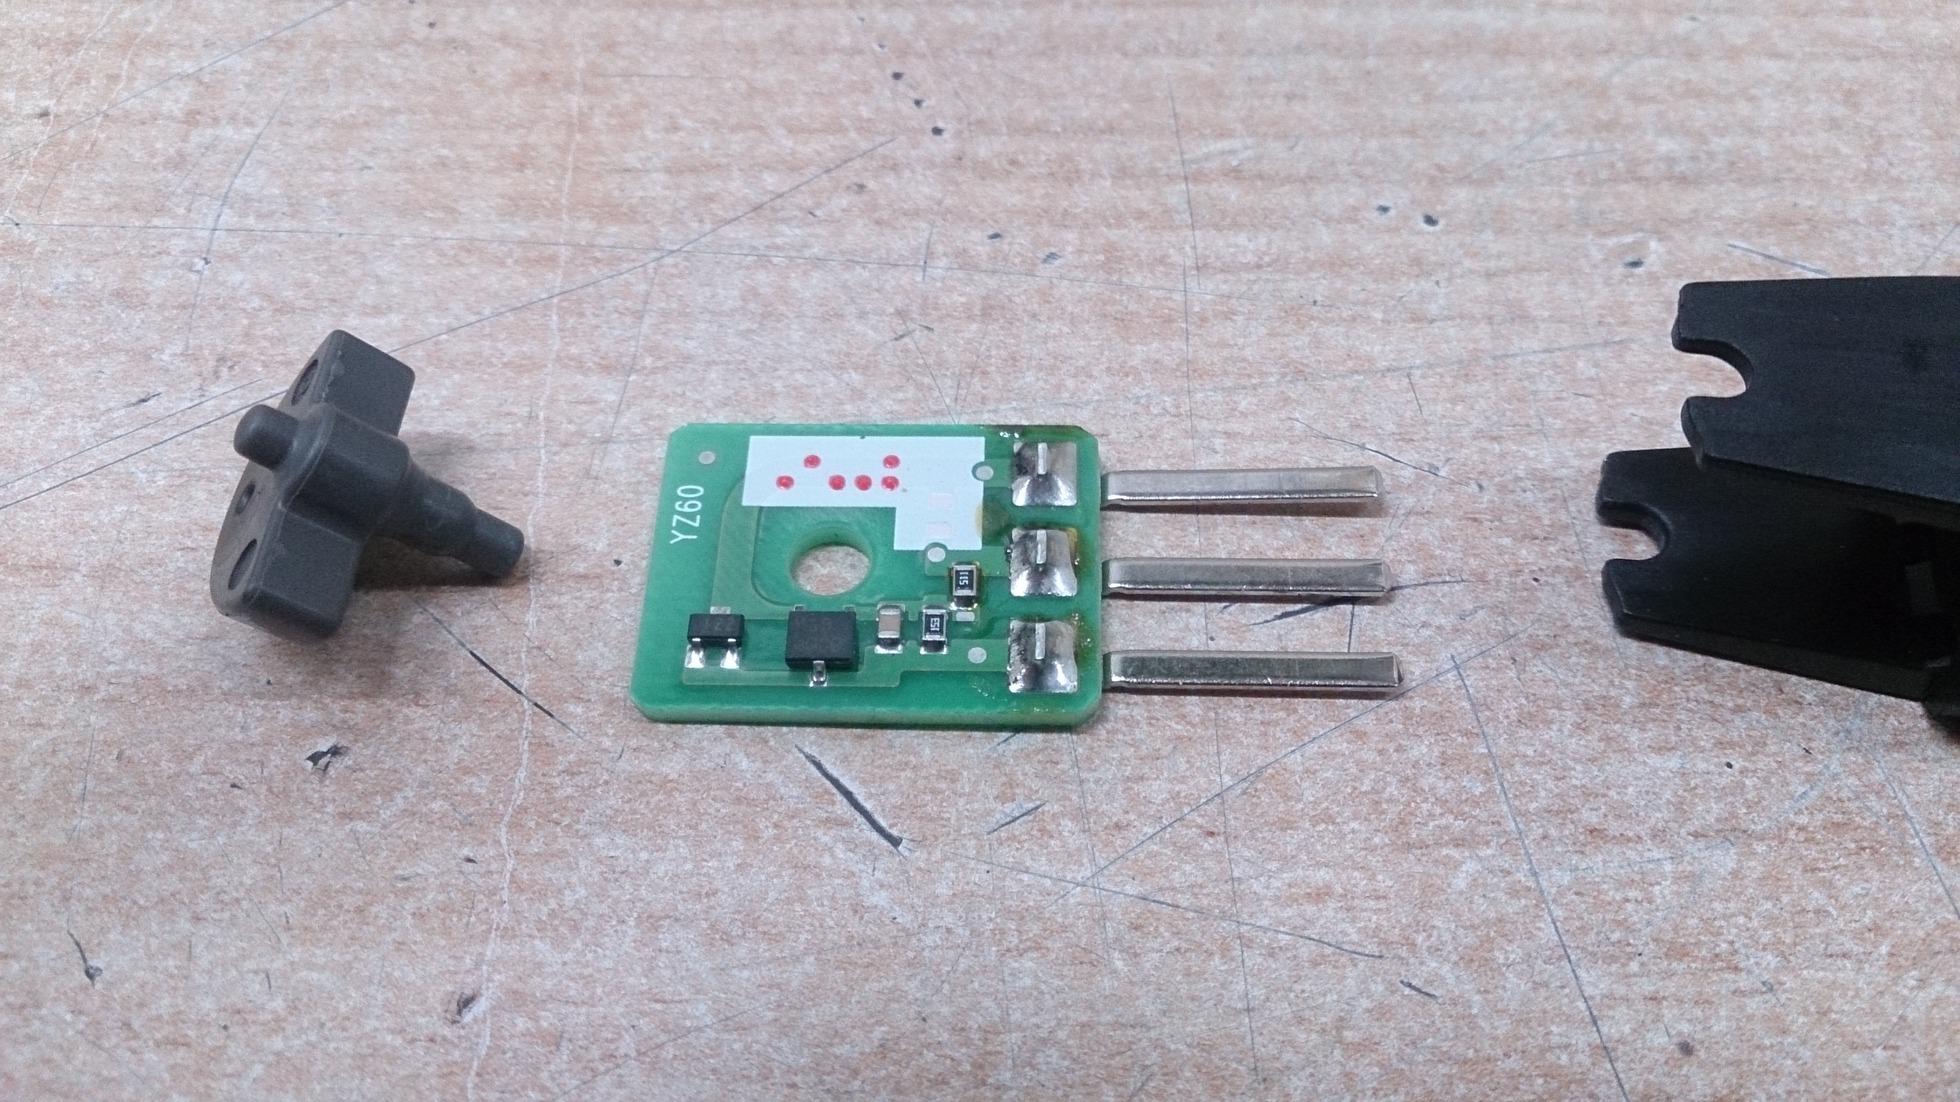 widerstandsabhängiger schalter - Mikrocontroller.net